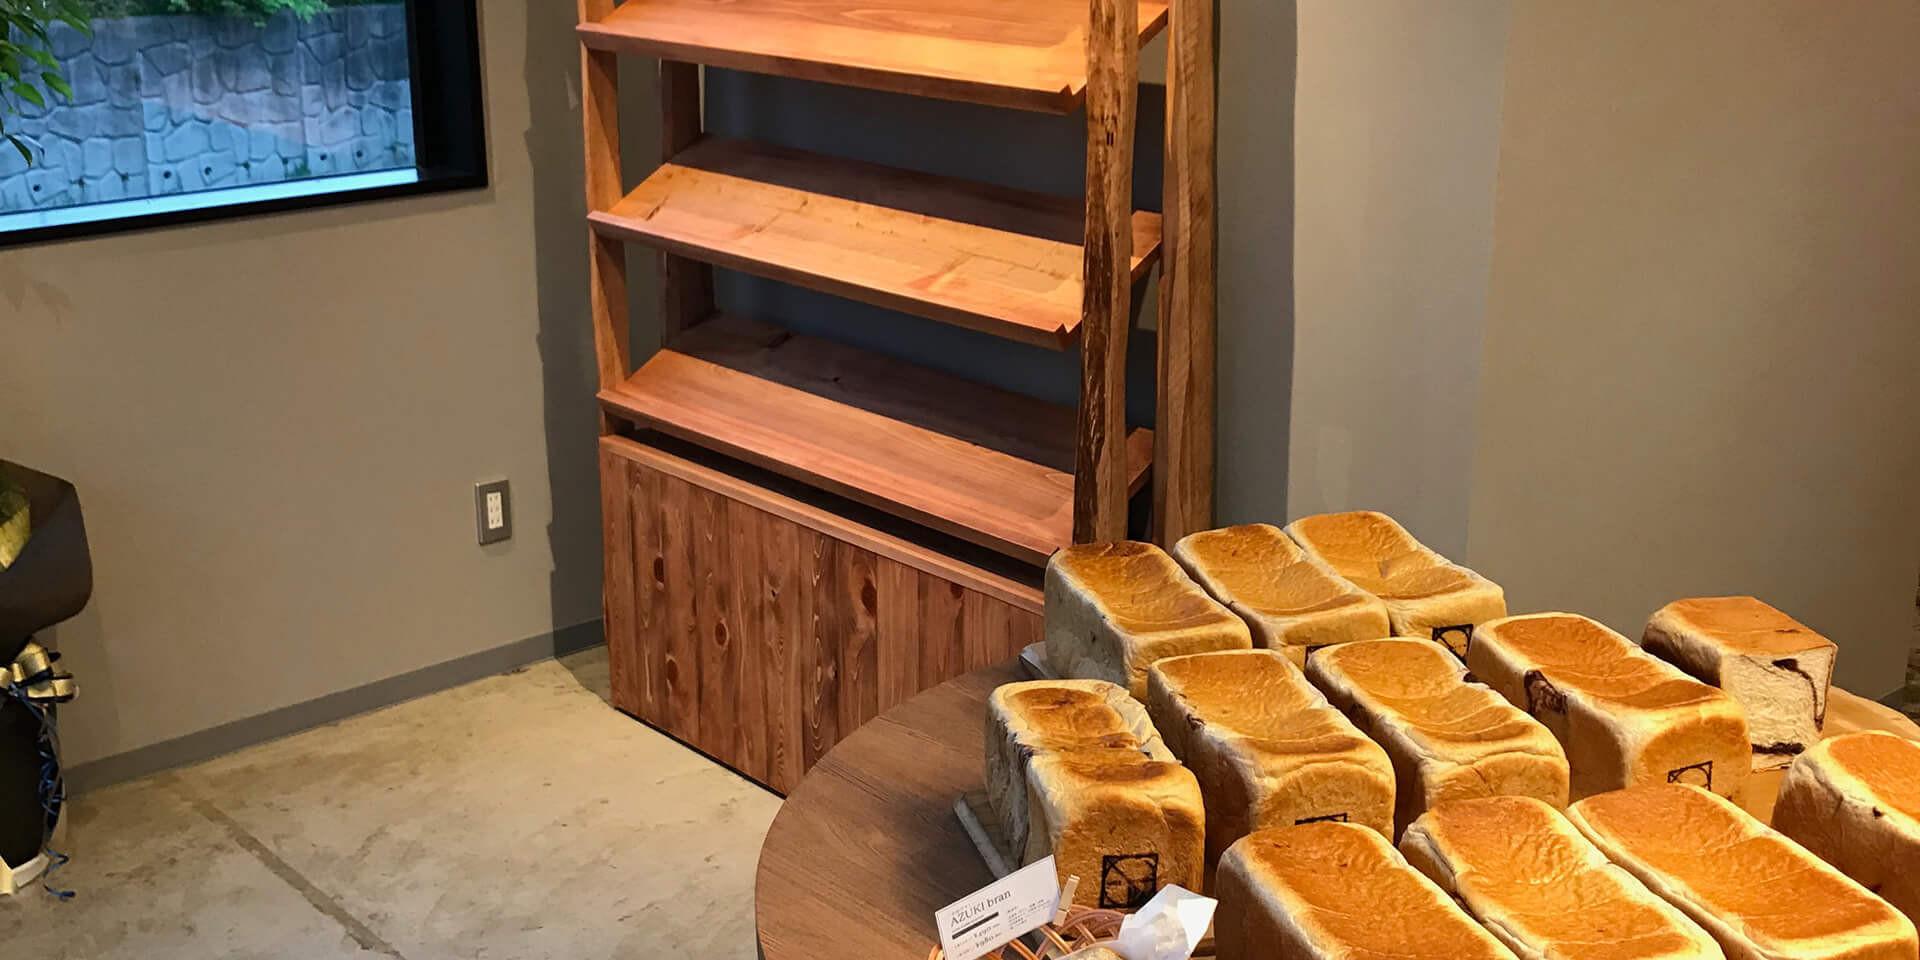 食パンストック棚